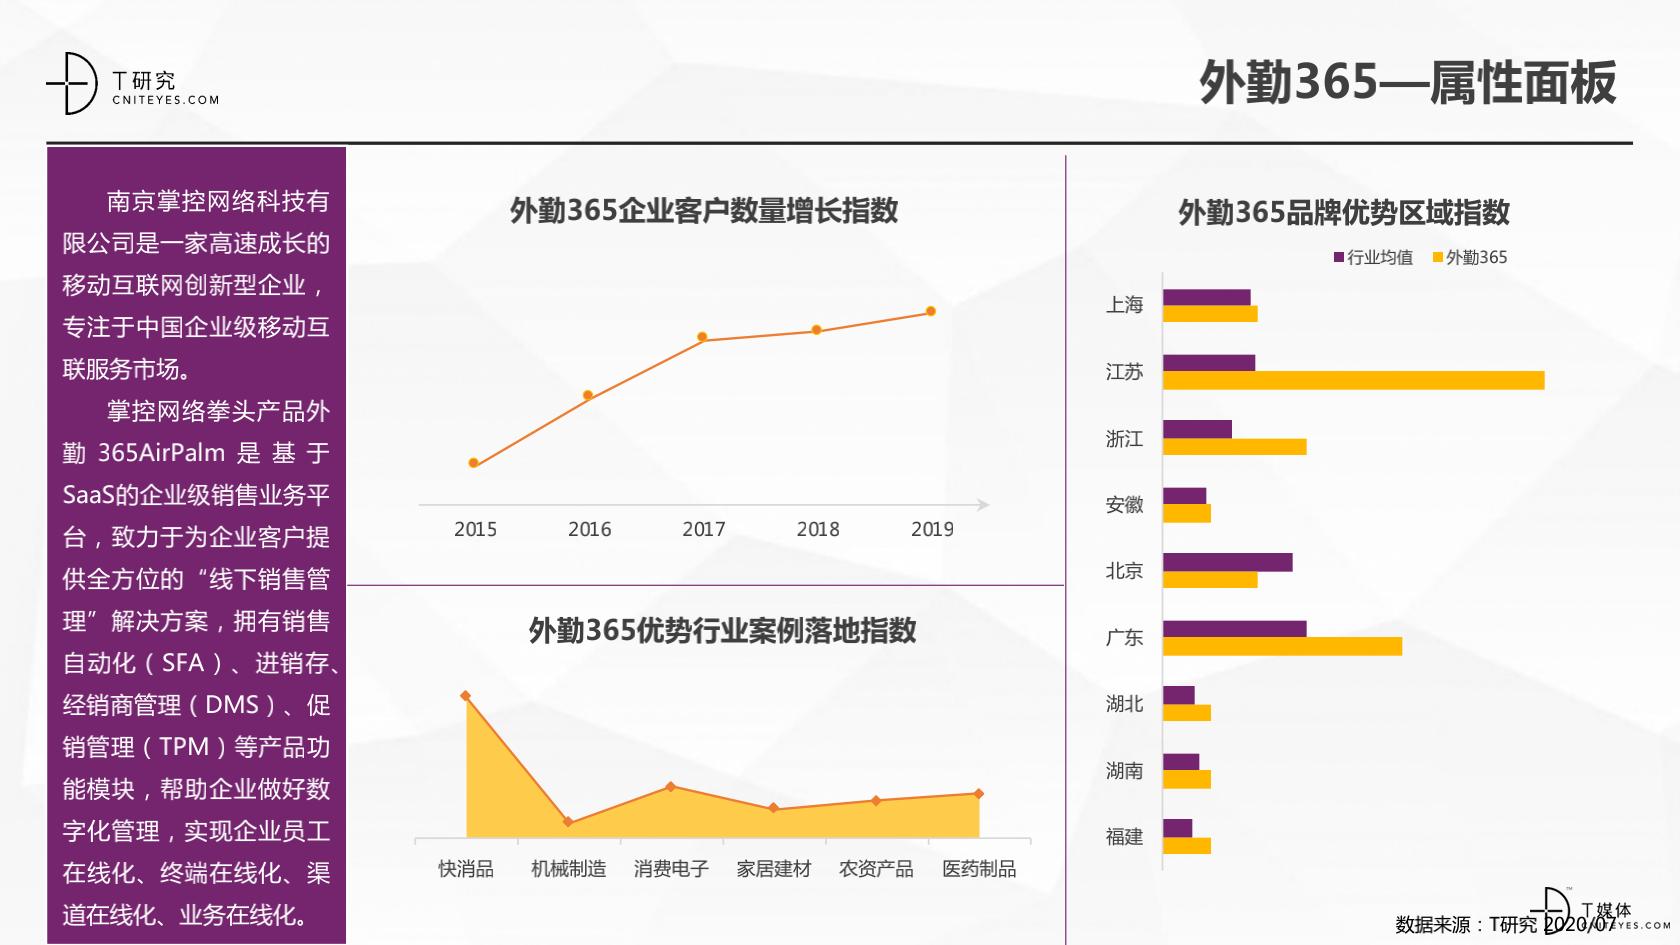 2_2020中国CRM指数测评报告v1.5_41.png